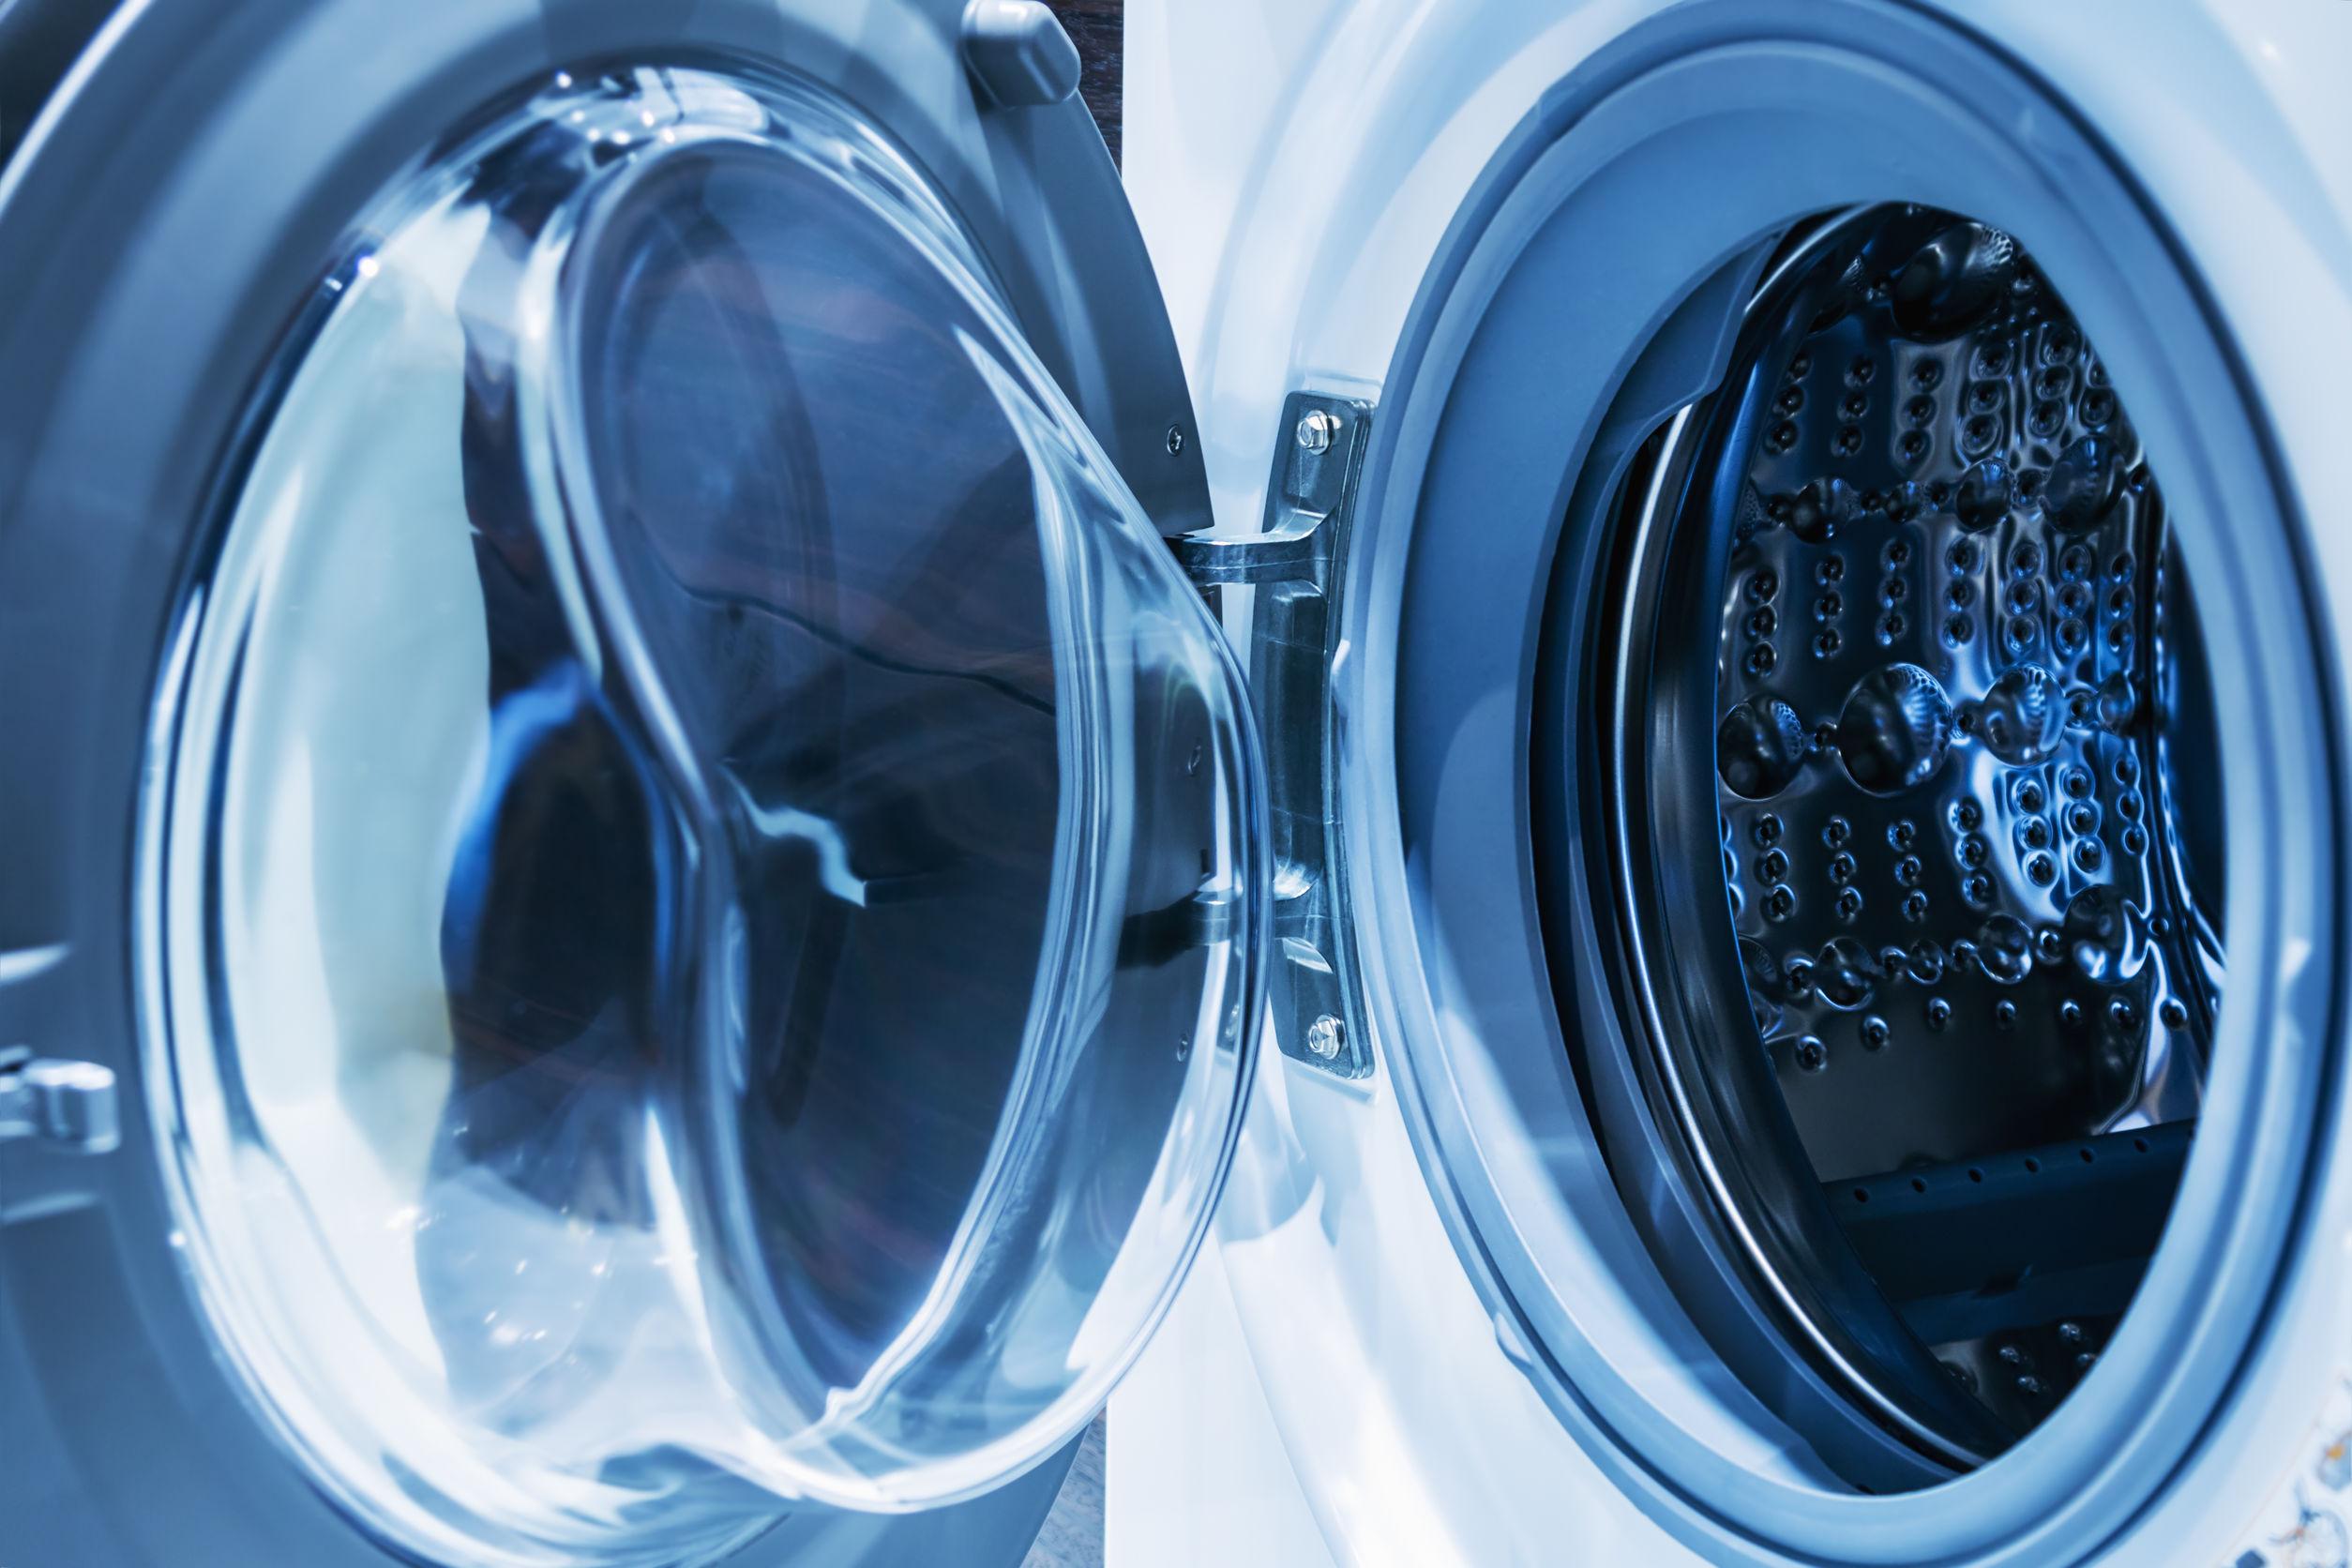 Secadora de condensación: ¿Cuál es la mejor del 2021?